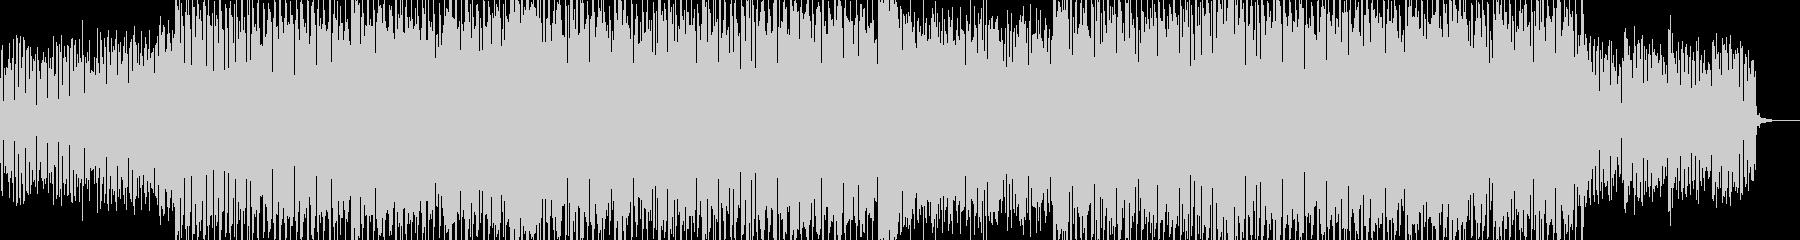 EDMクラブ系ダンスミュージック-78の未再生の波形